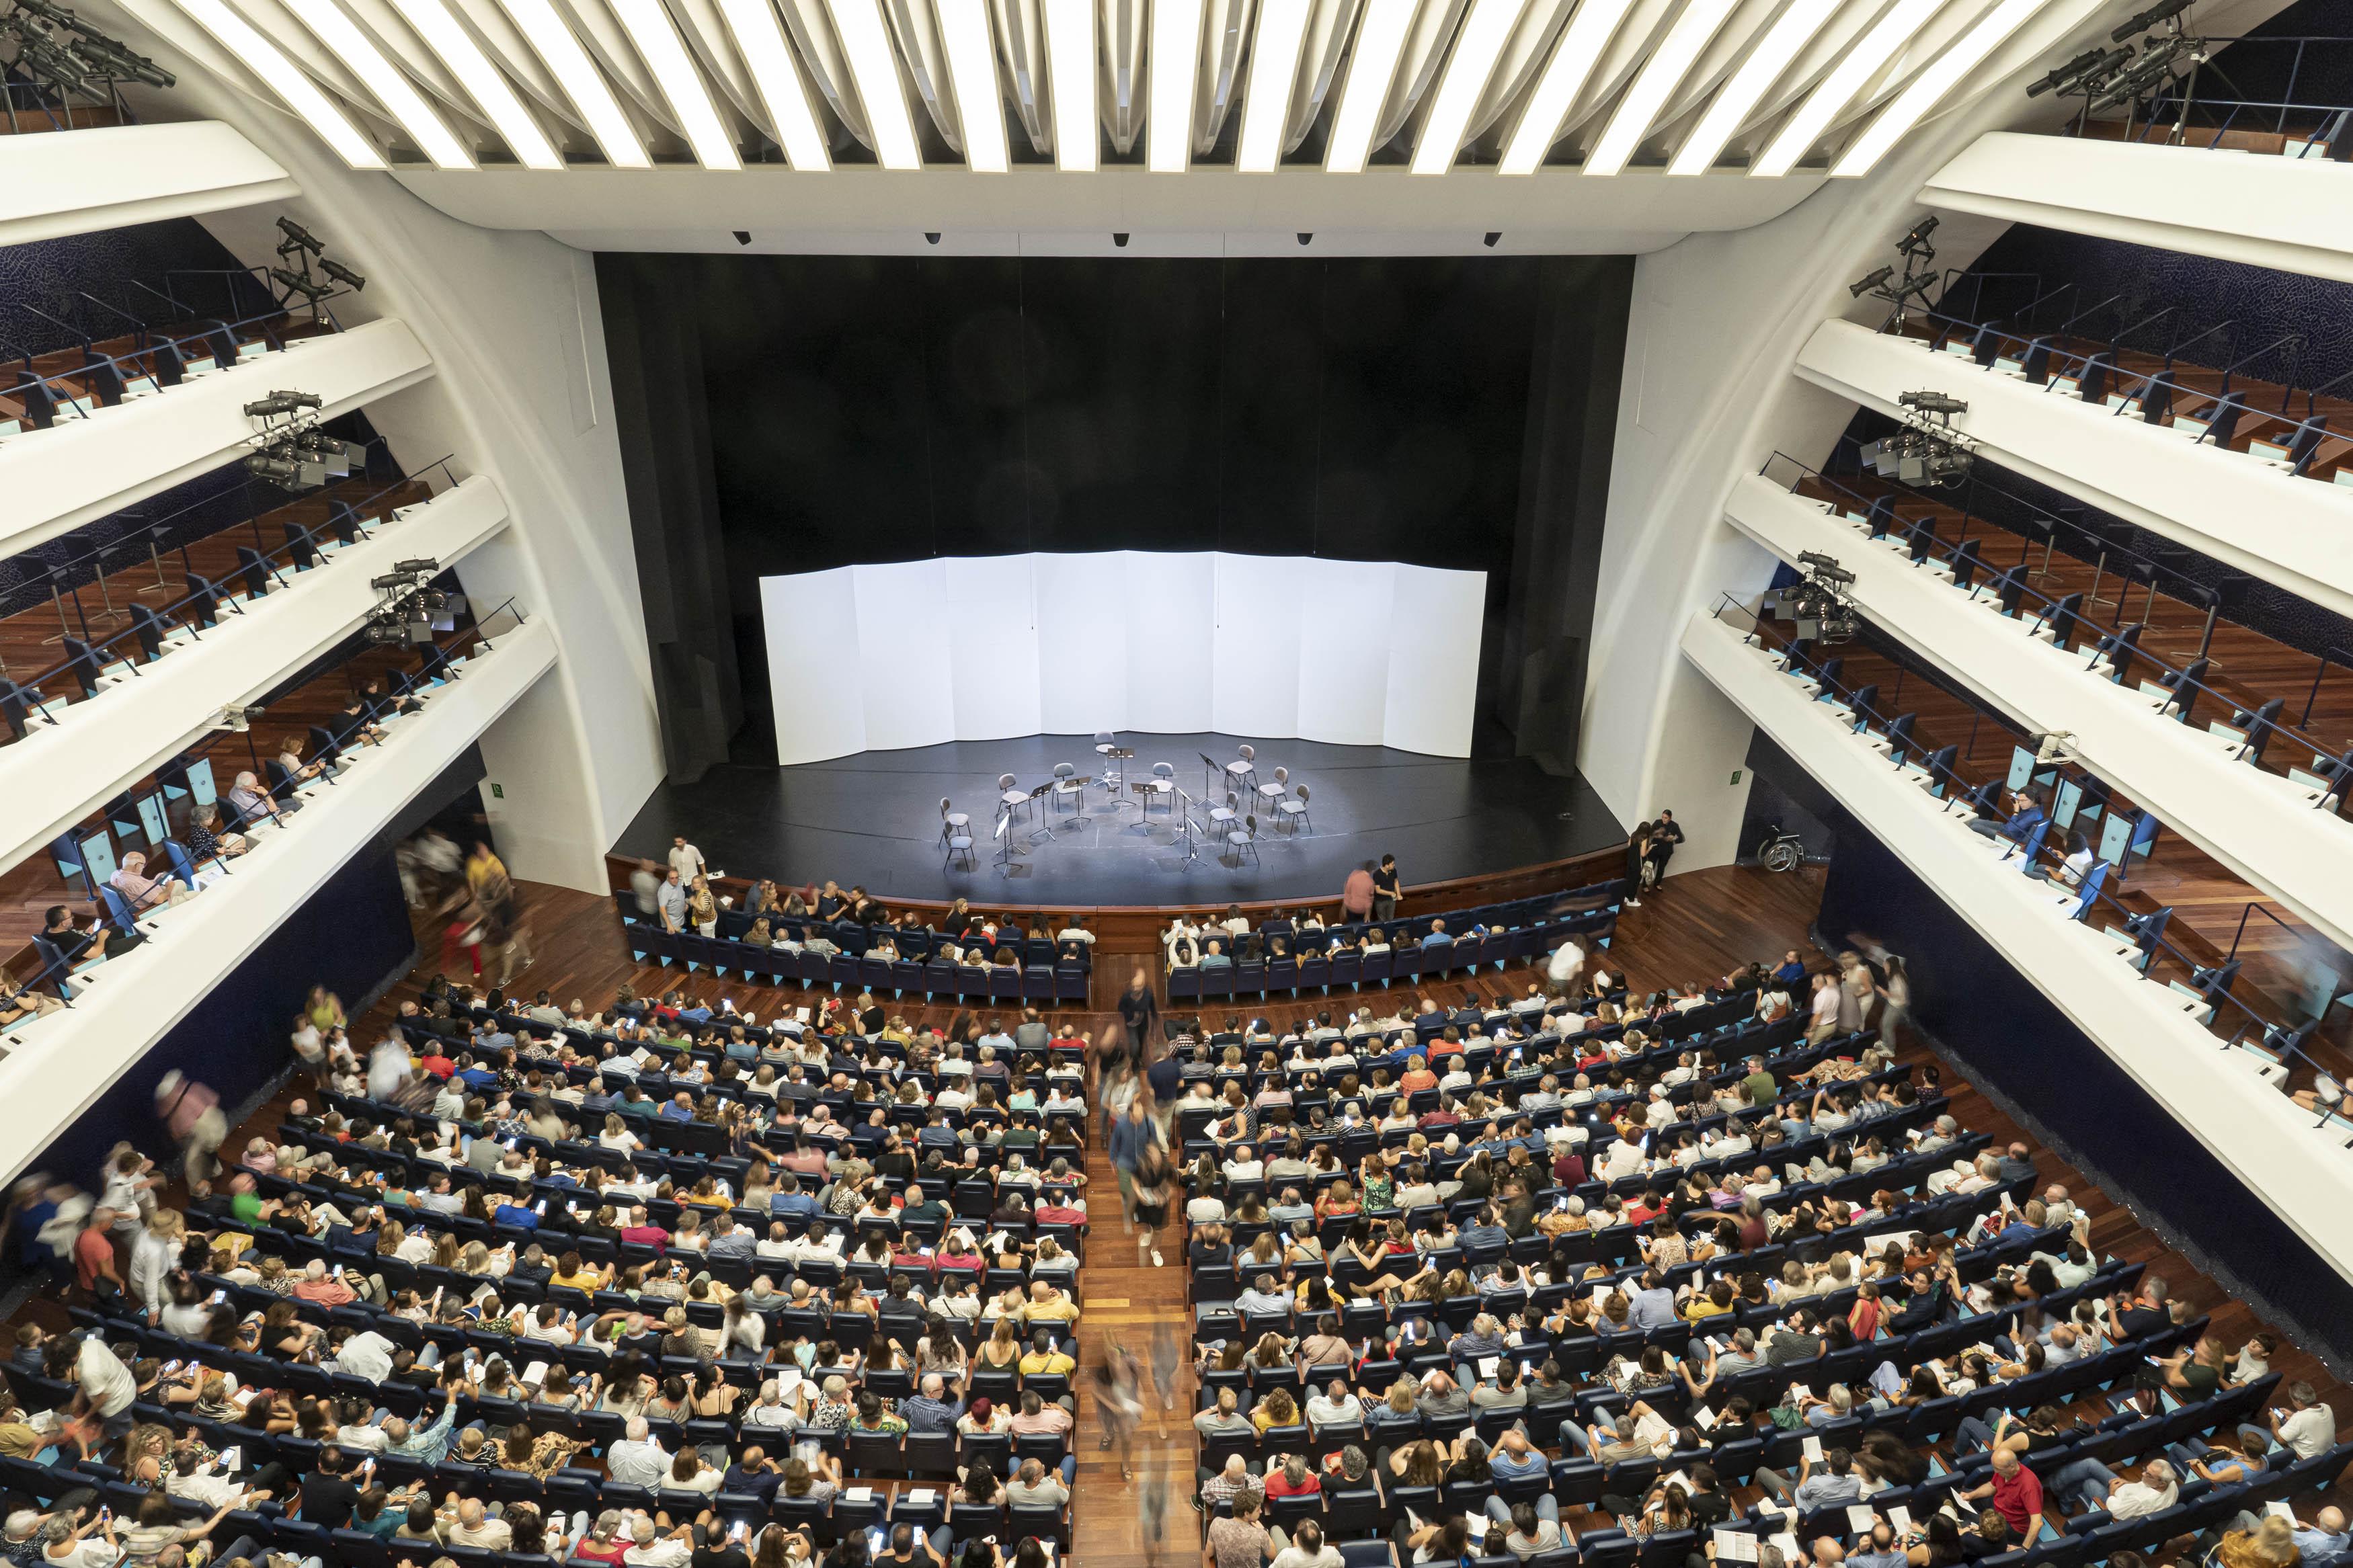 Les Arts proposa, per un preu únic de 5 euros, un concert i una exposició per al matí del pròxim diumenge